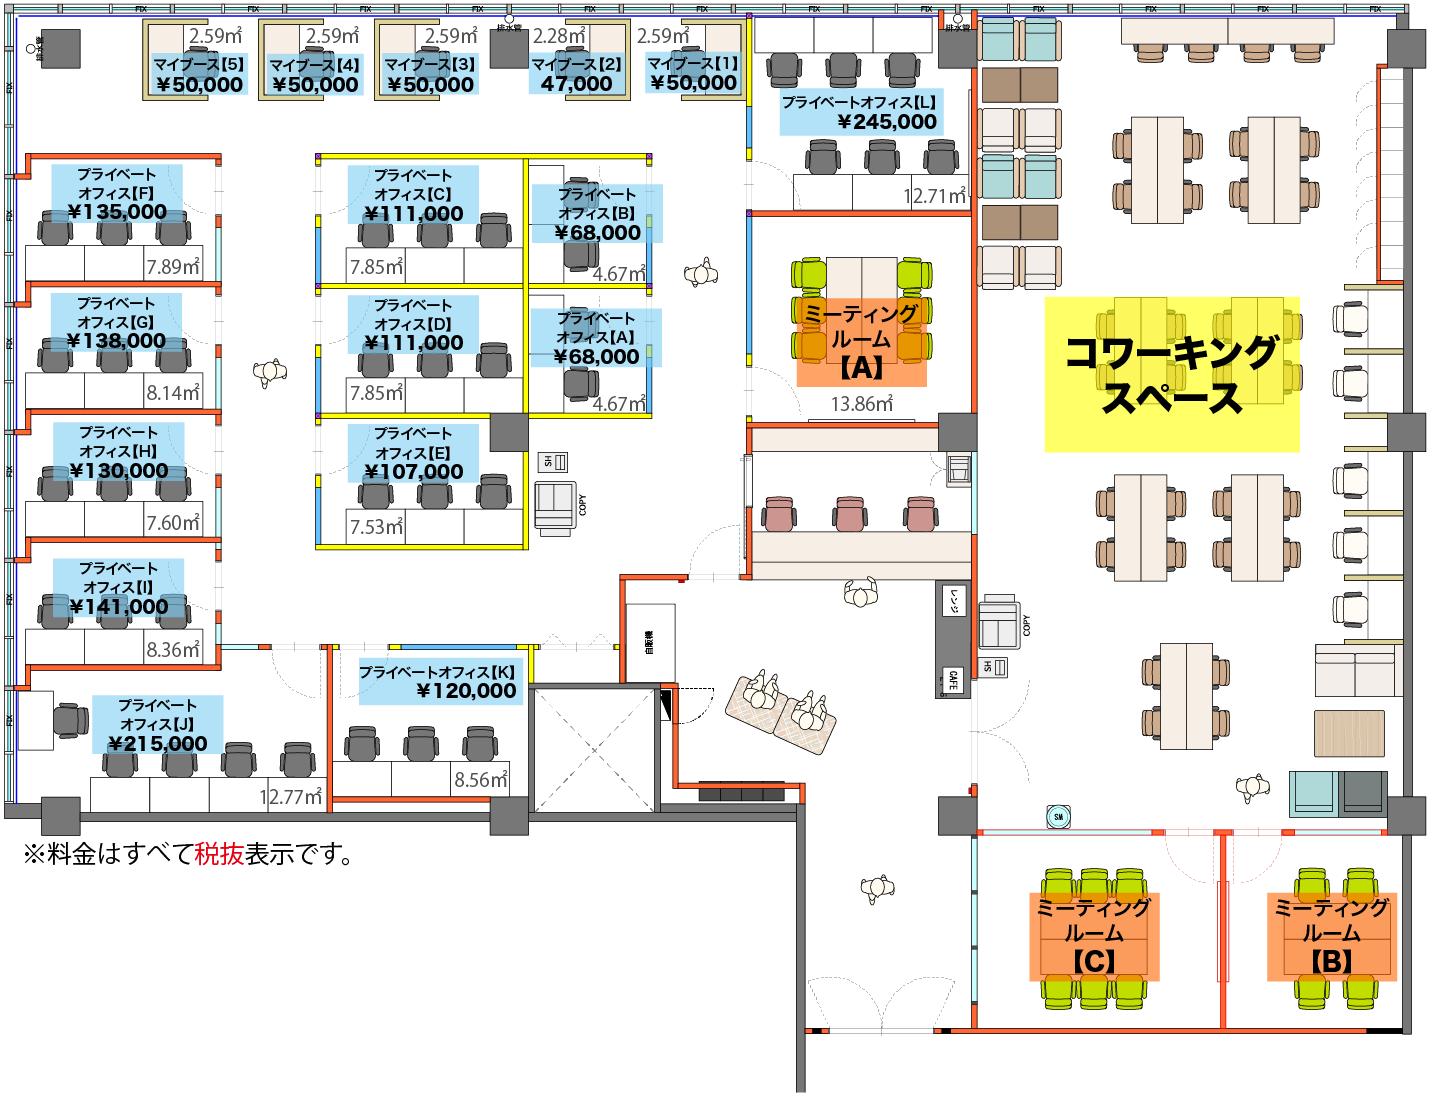 オギャーズ梅田フロアマップ